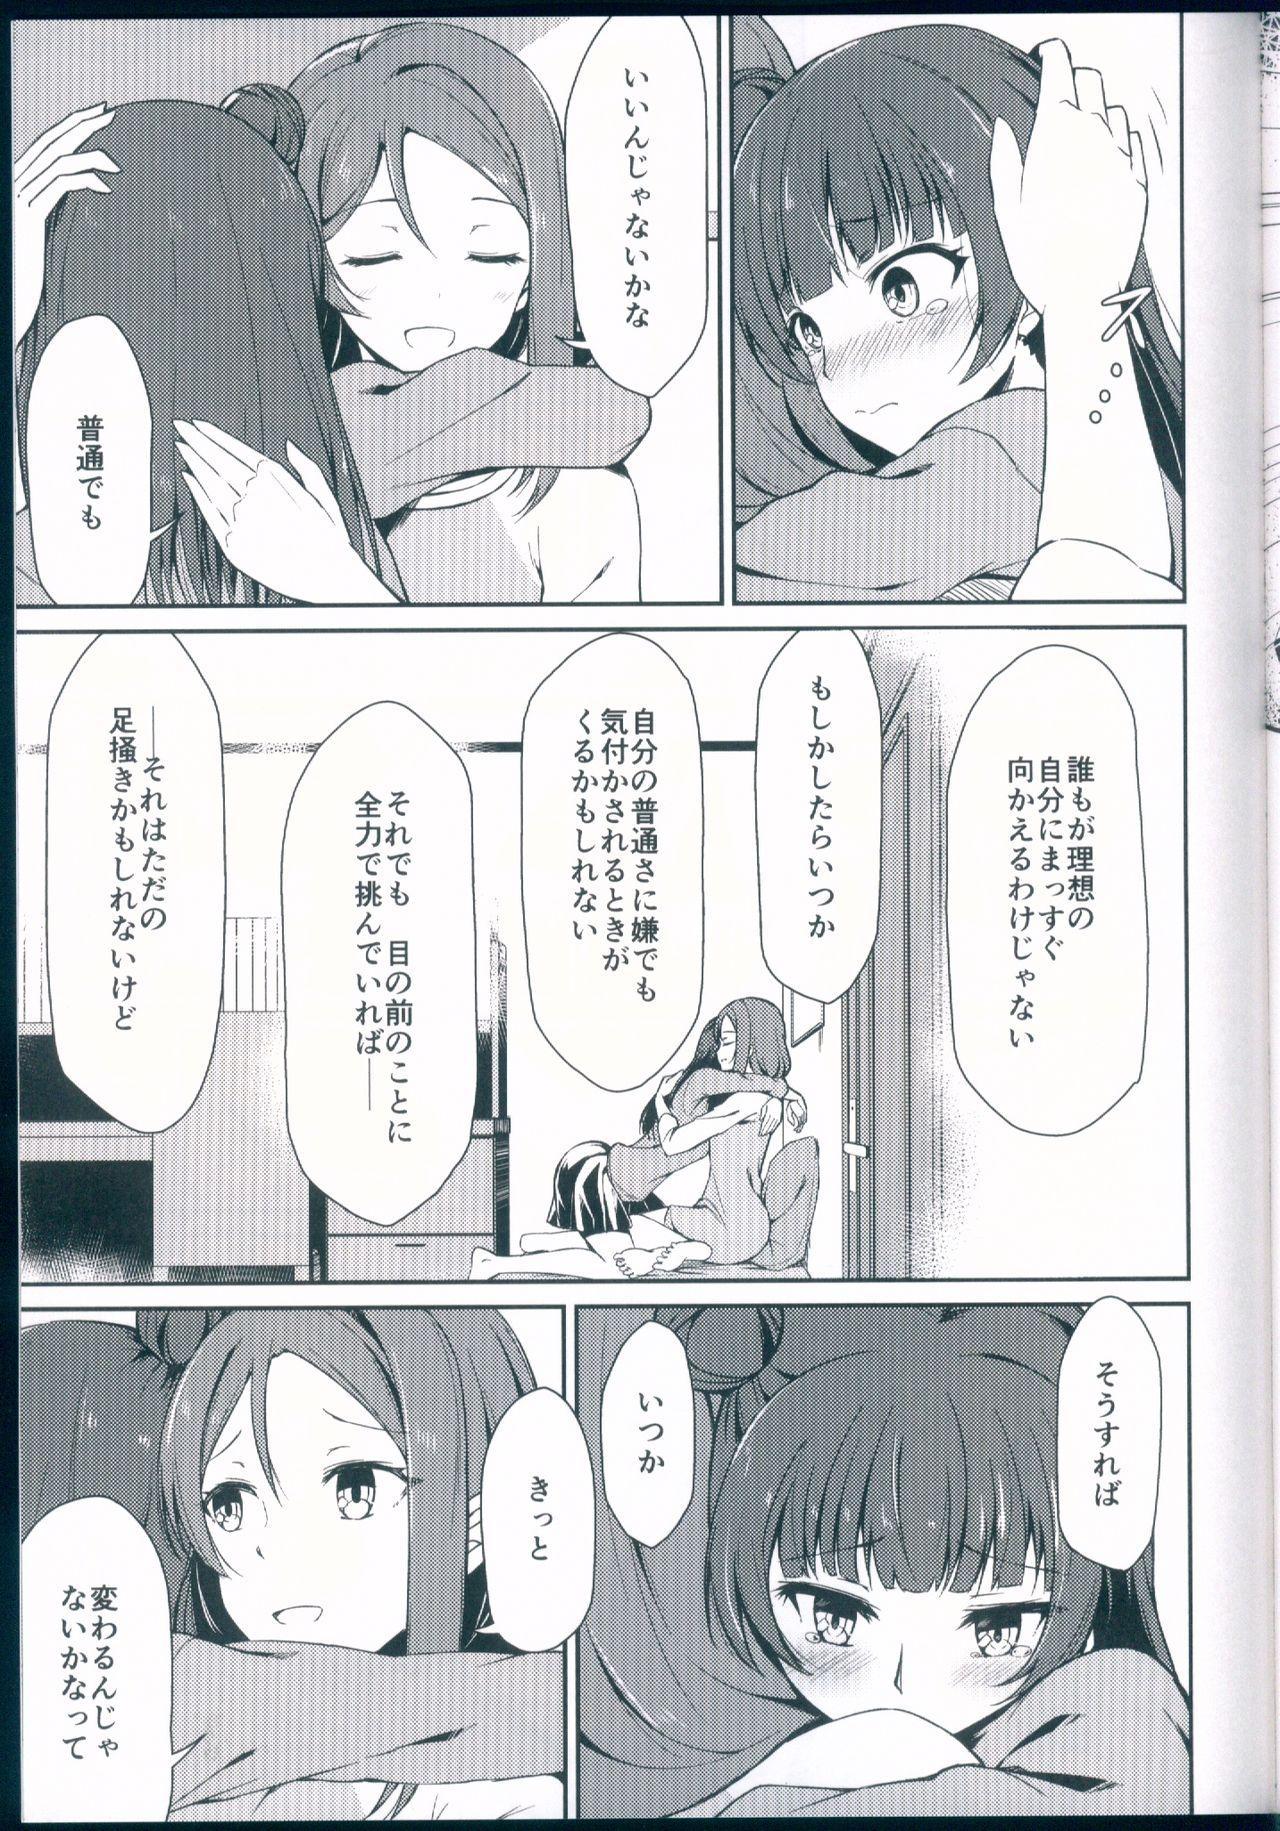 Kagayaki no Mezashikata 8